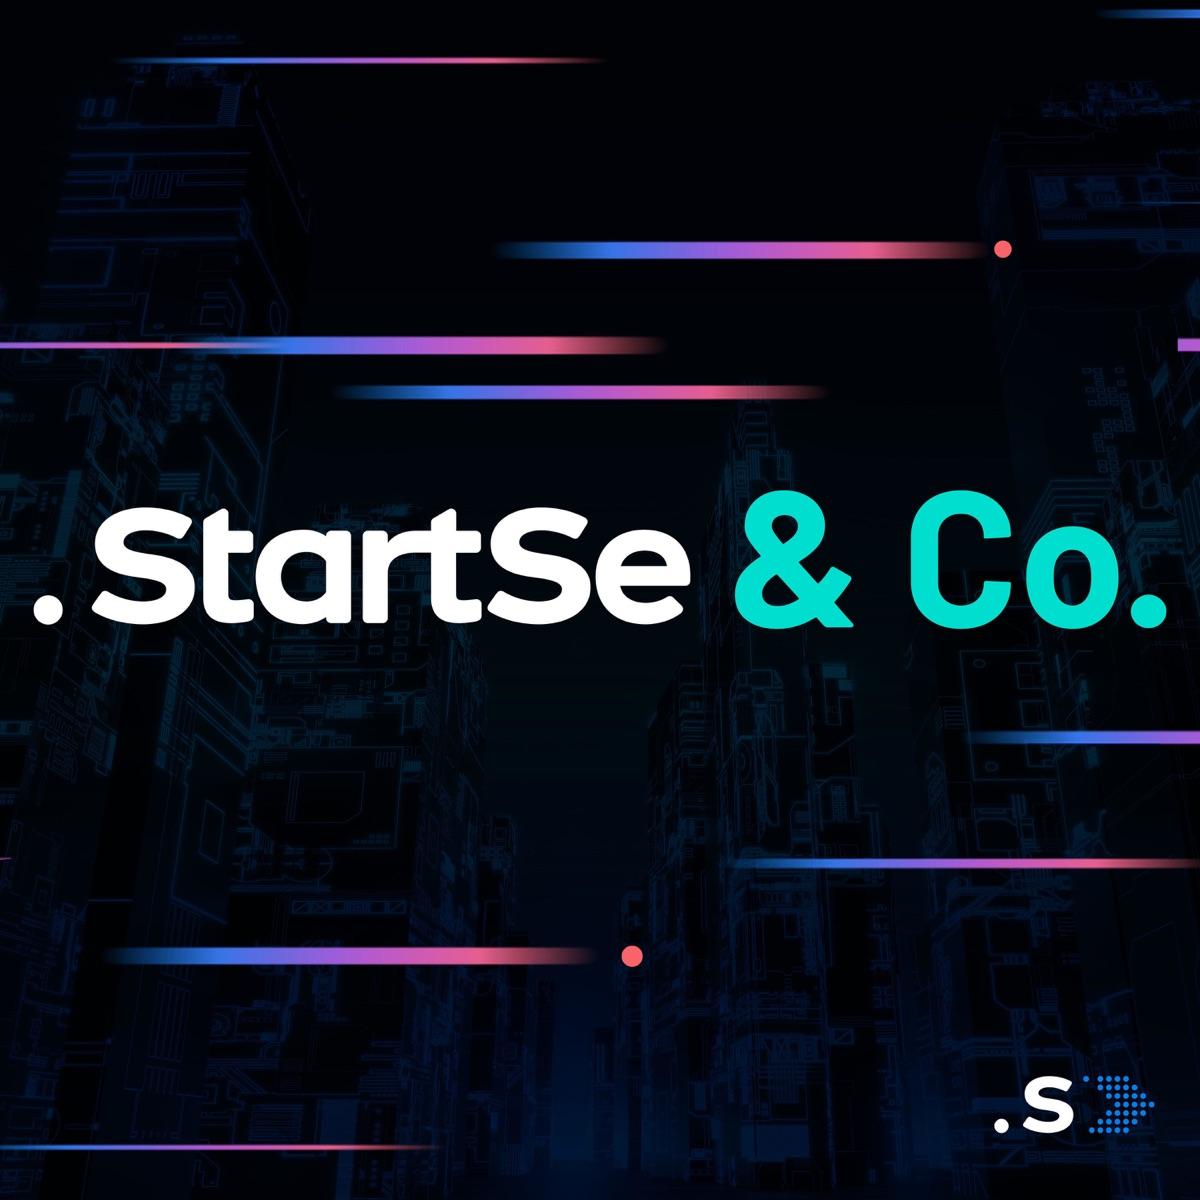 StartSe & Company